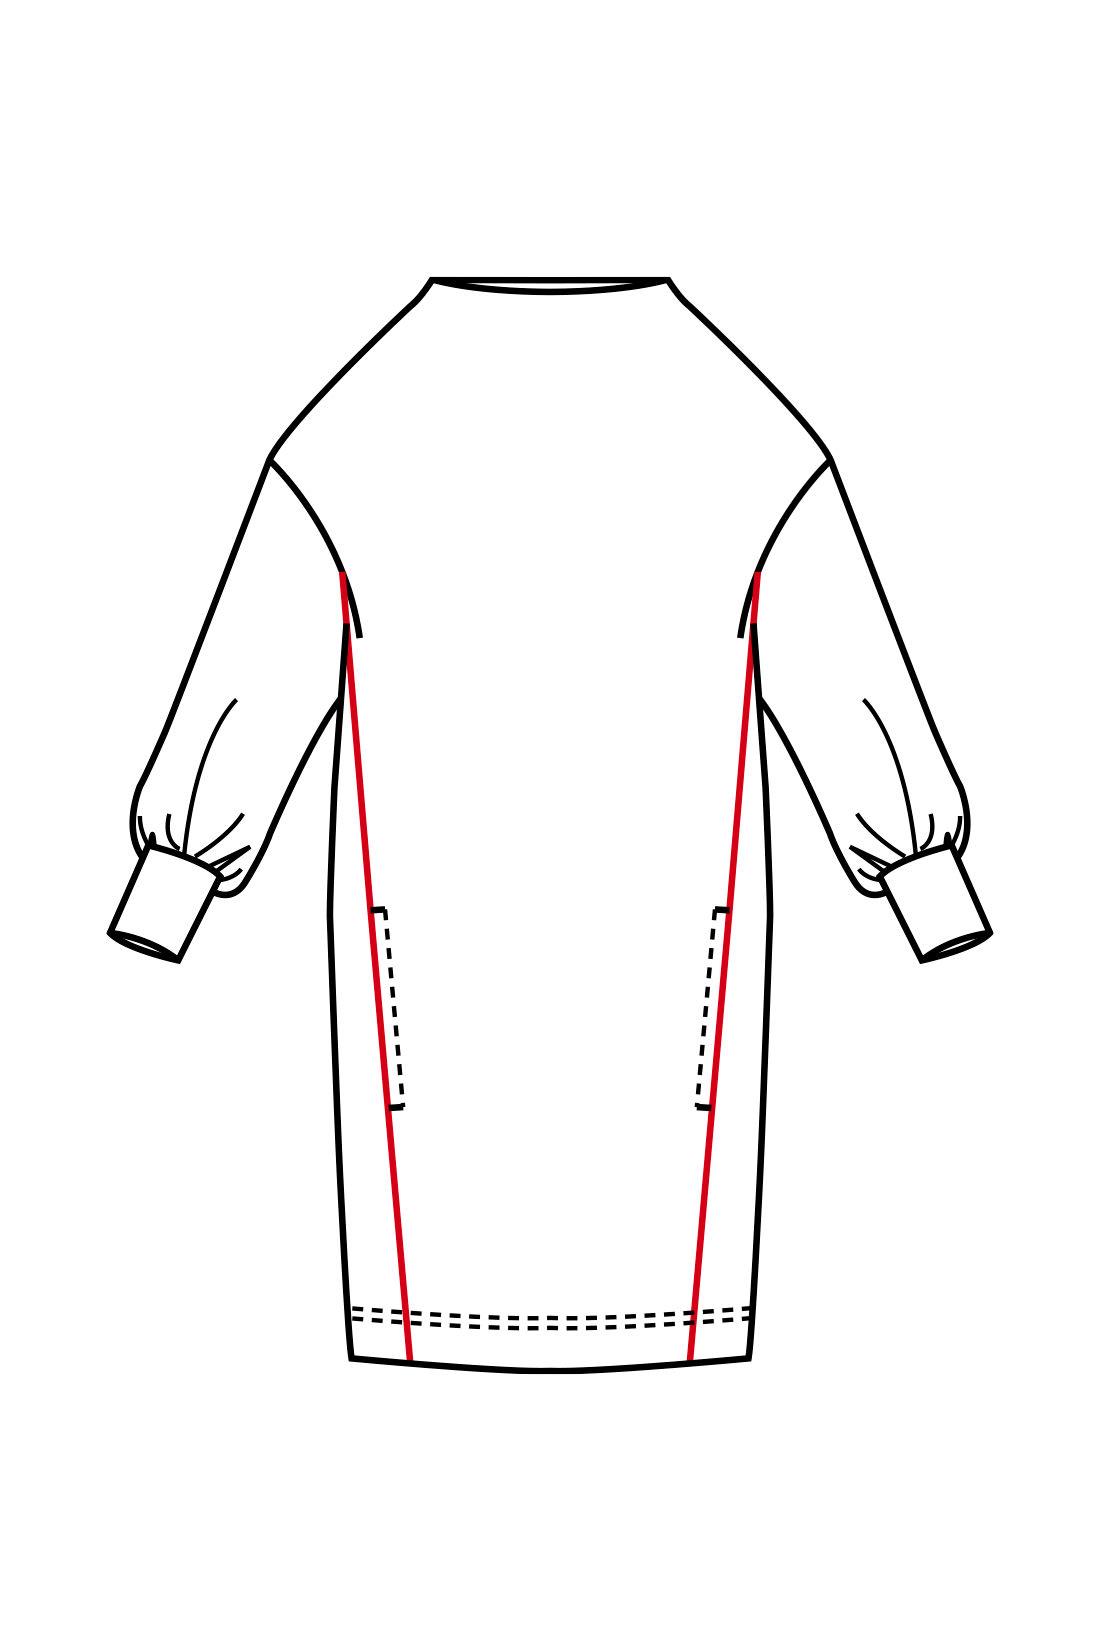 前身ごろに斜めに入れたラインの視覚効果でからだをすっきり演出。